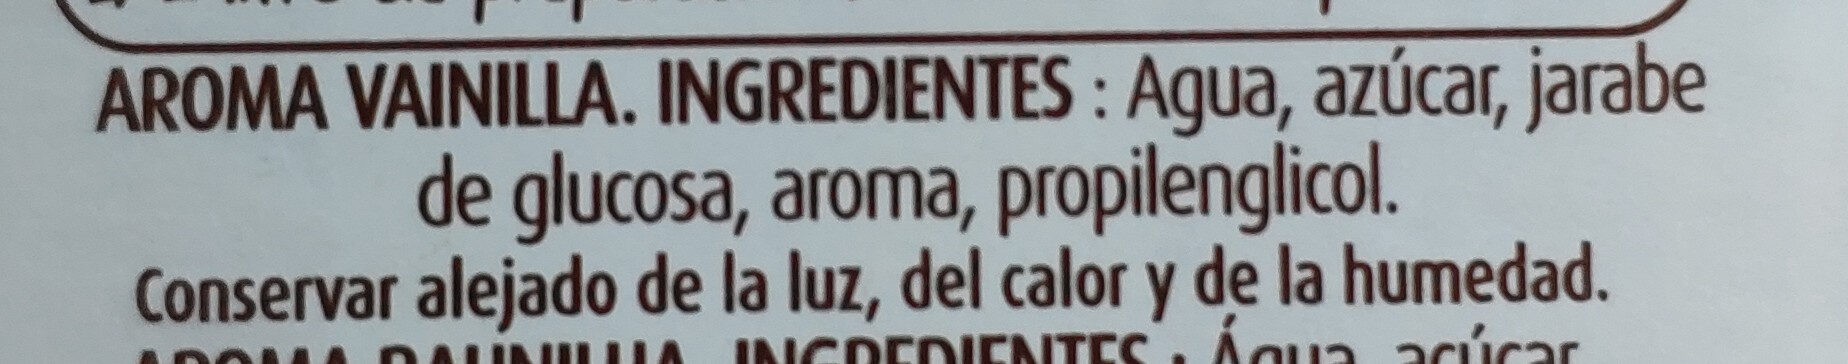 Aroma de vainilla - Ingredients - es